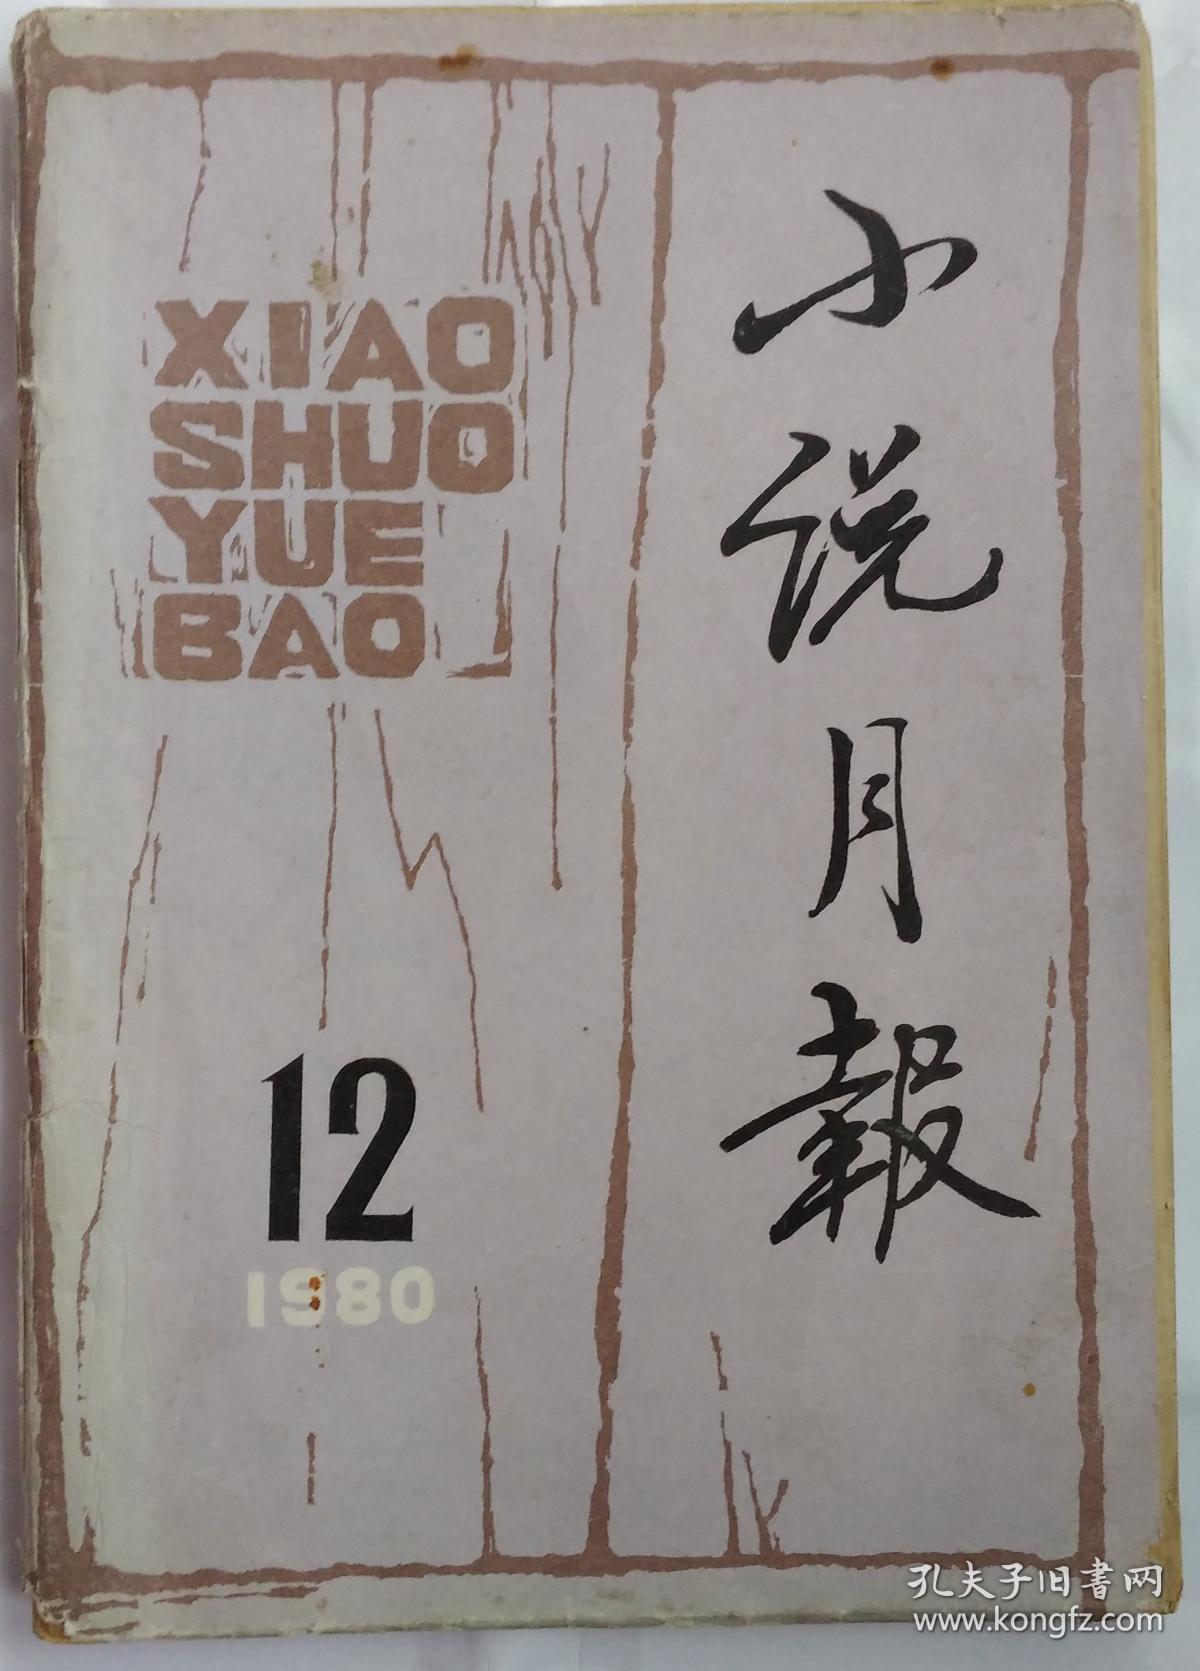 《小说月报》1980年第12期( 张贤亮中篇《灵与肉》汪并祺短篇《受戒》铁凝短篇《灶火的故事》孟伟哉短篇《战俘》等 )